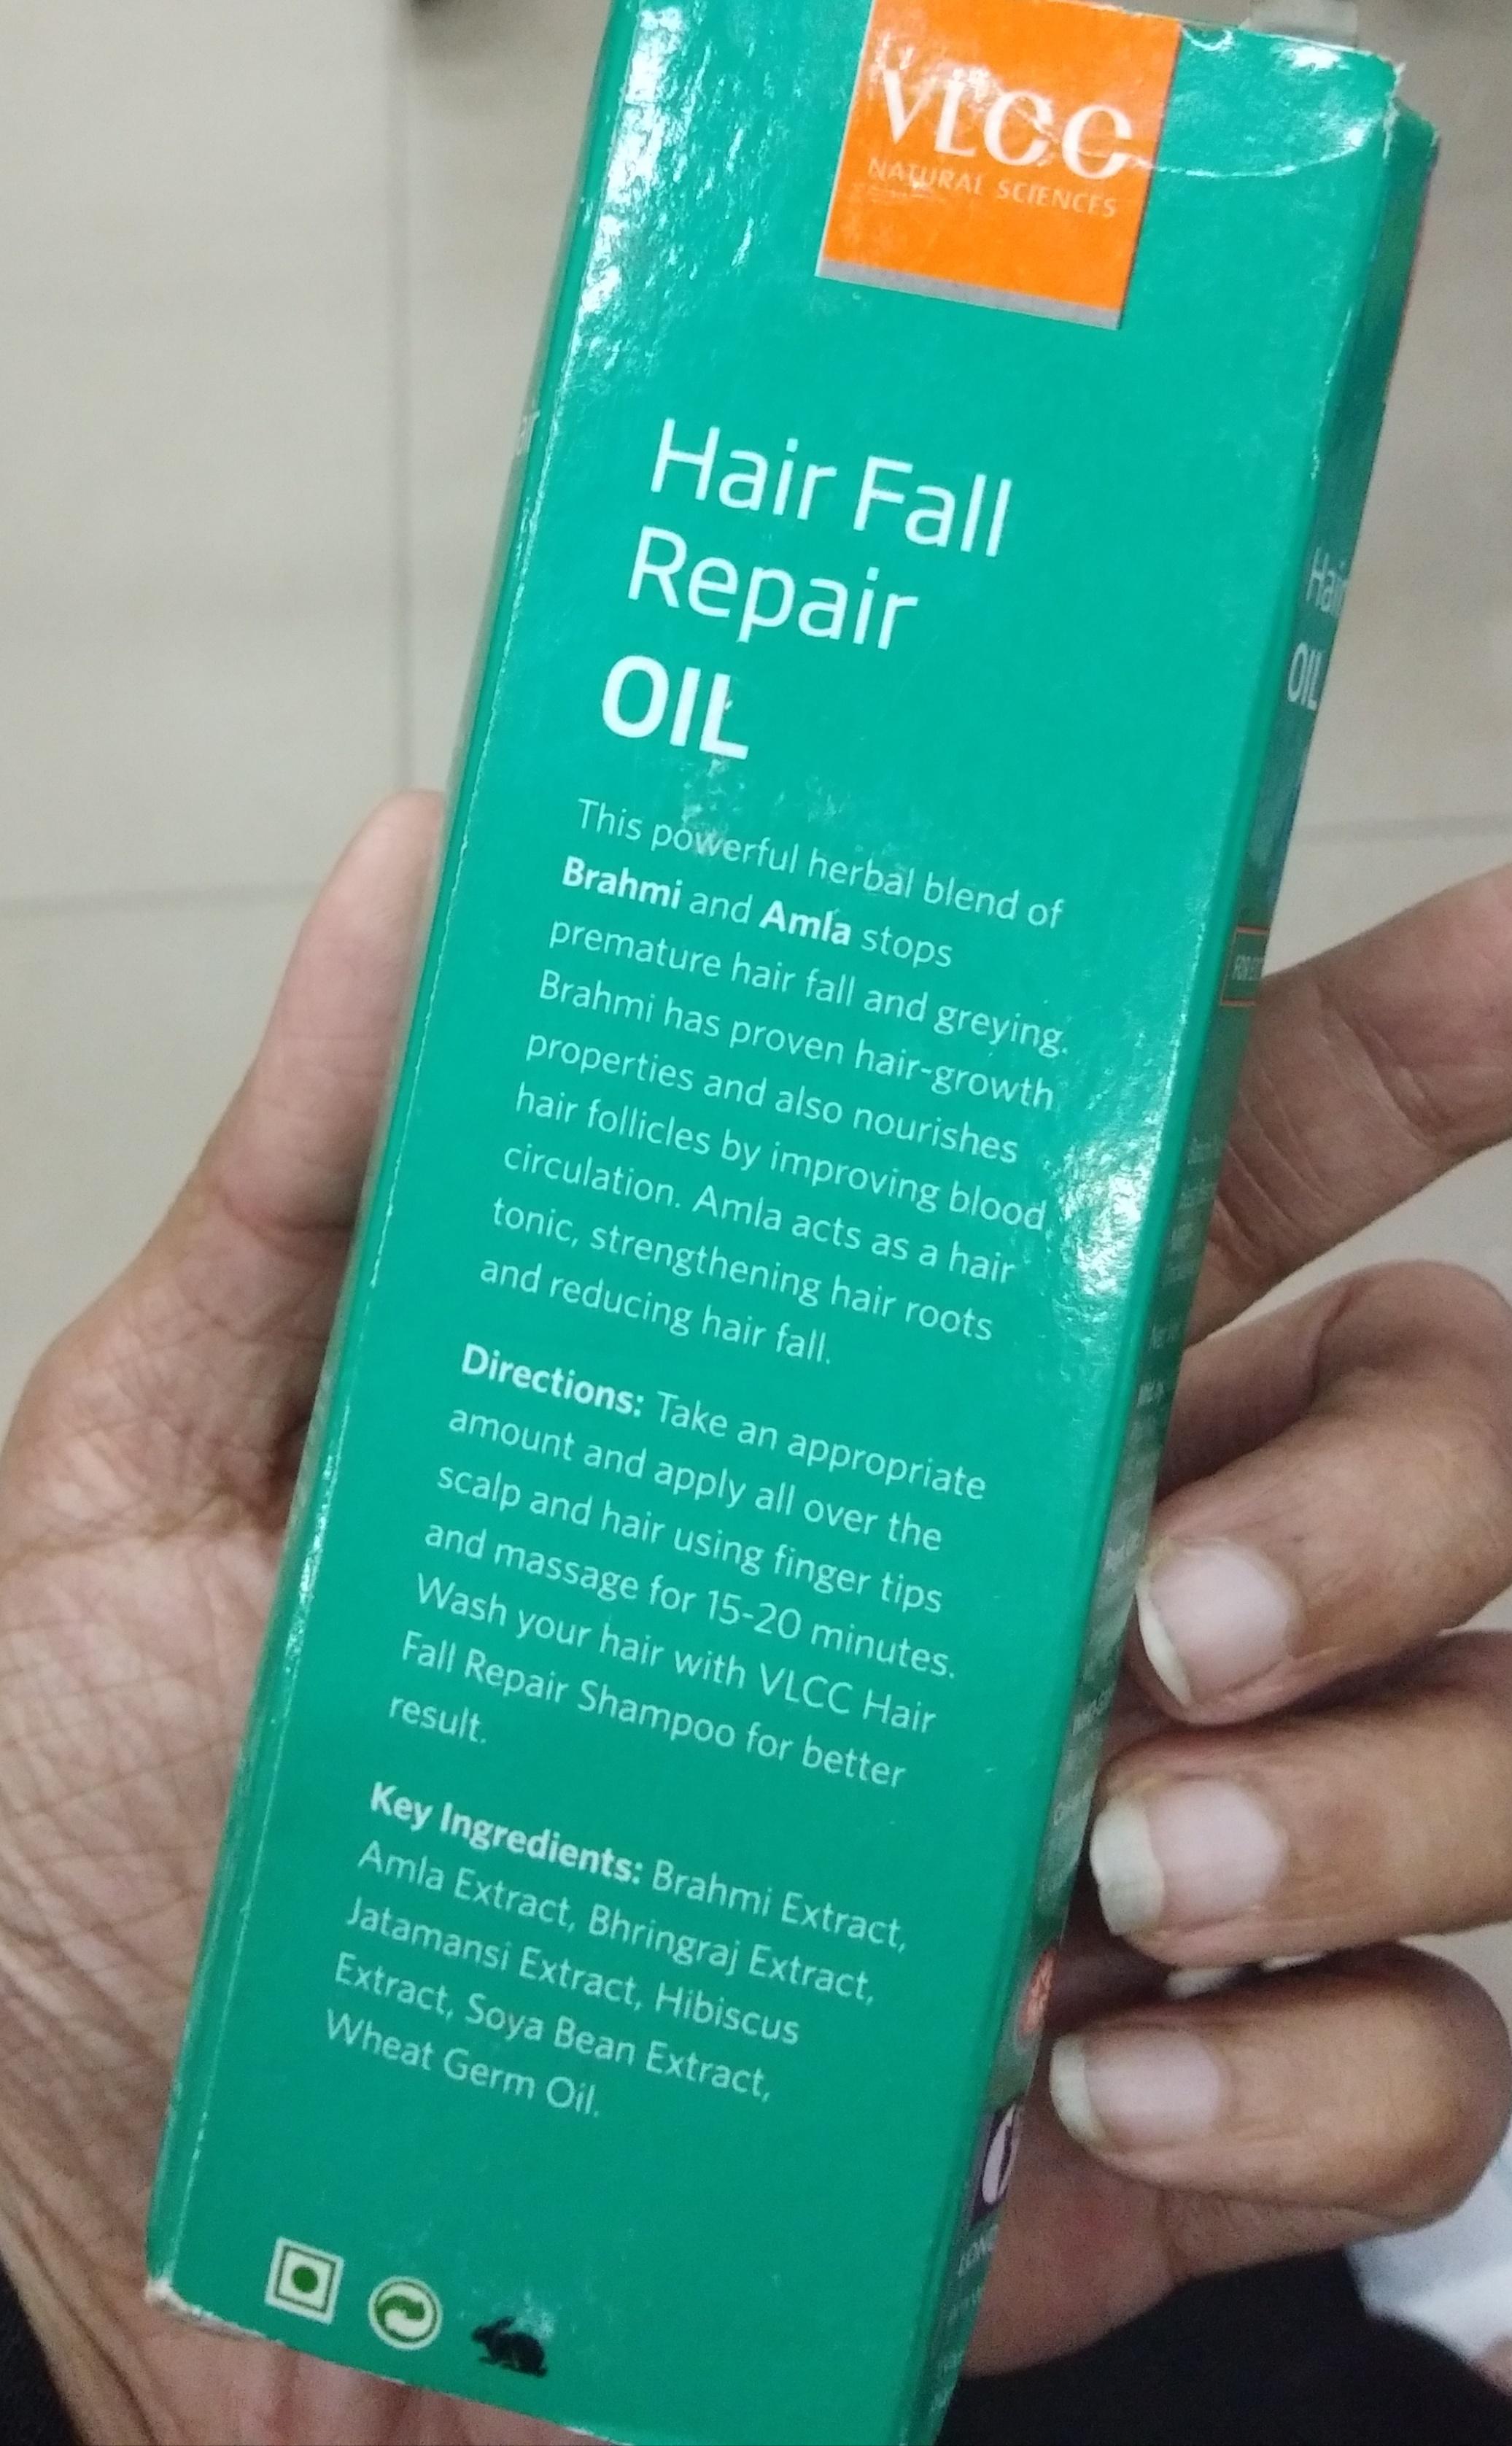 VLCC Hair Fall Repair Oil pic 2-Just an ordinary hair oil-By Nasreen